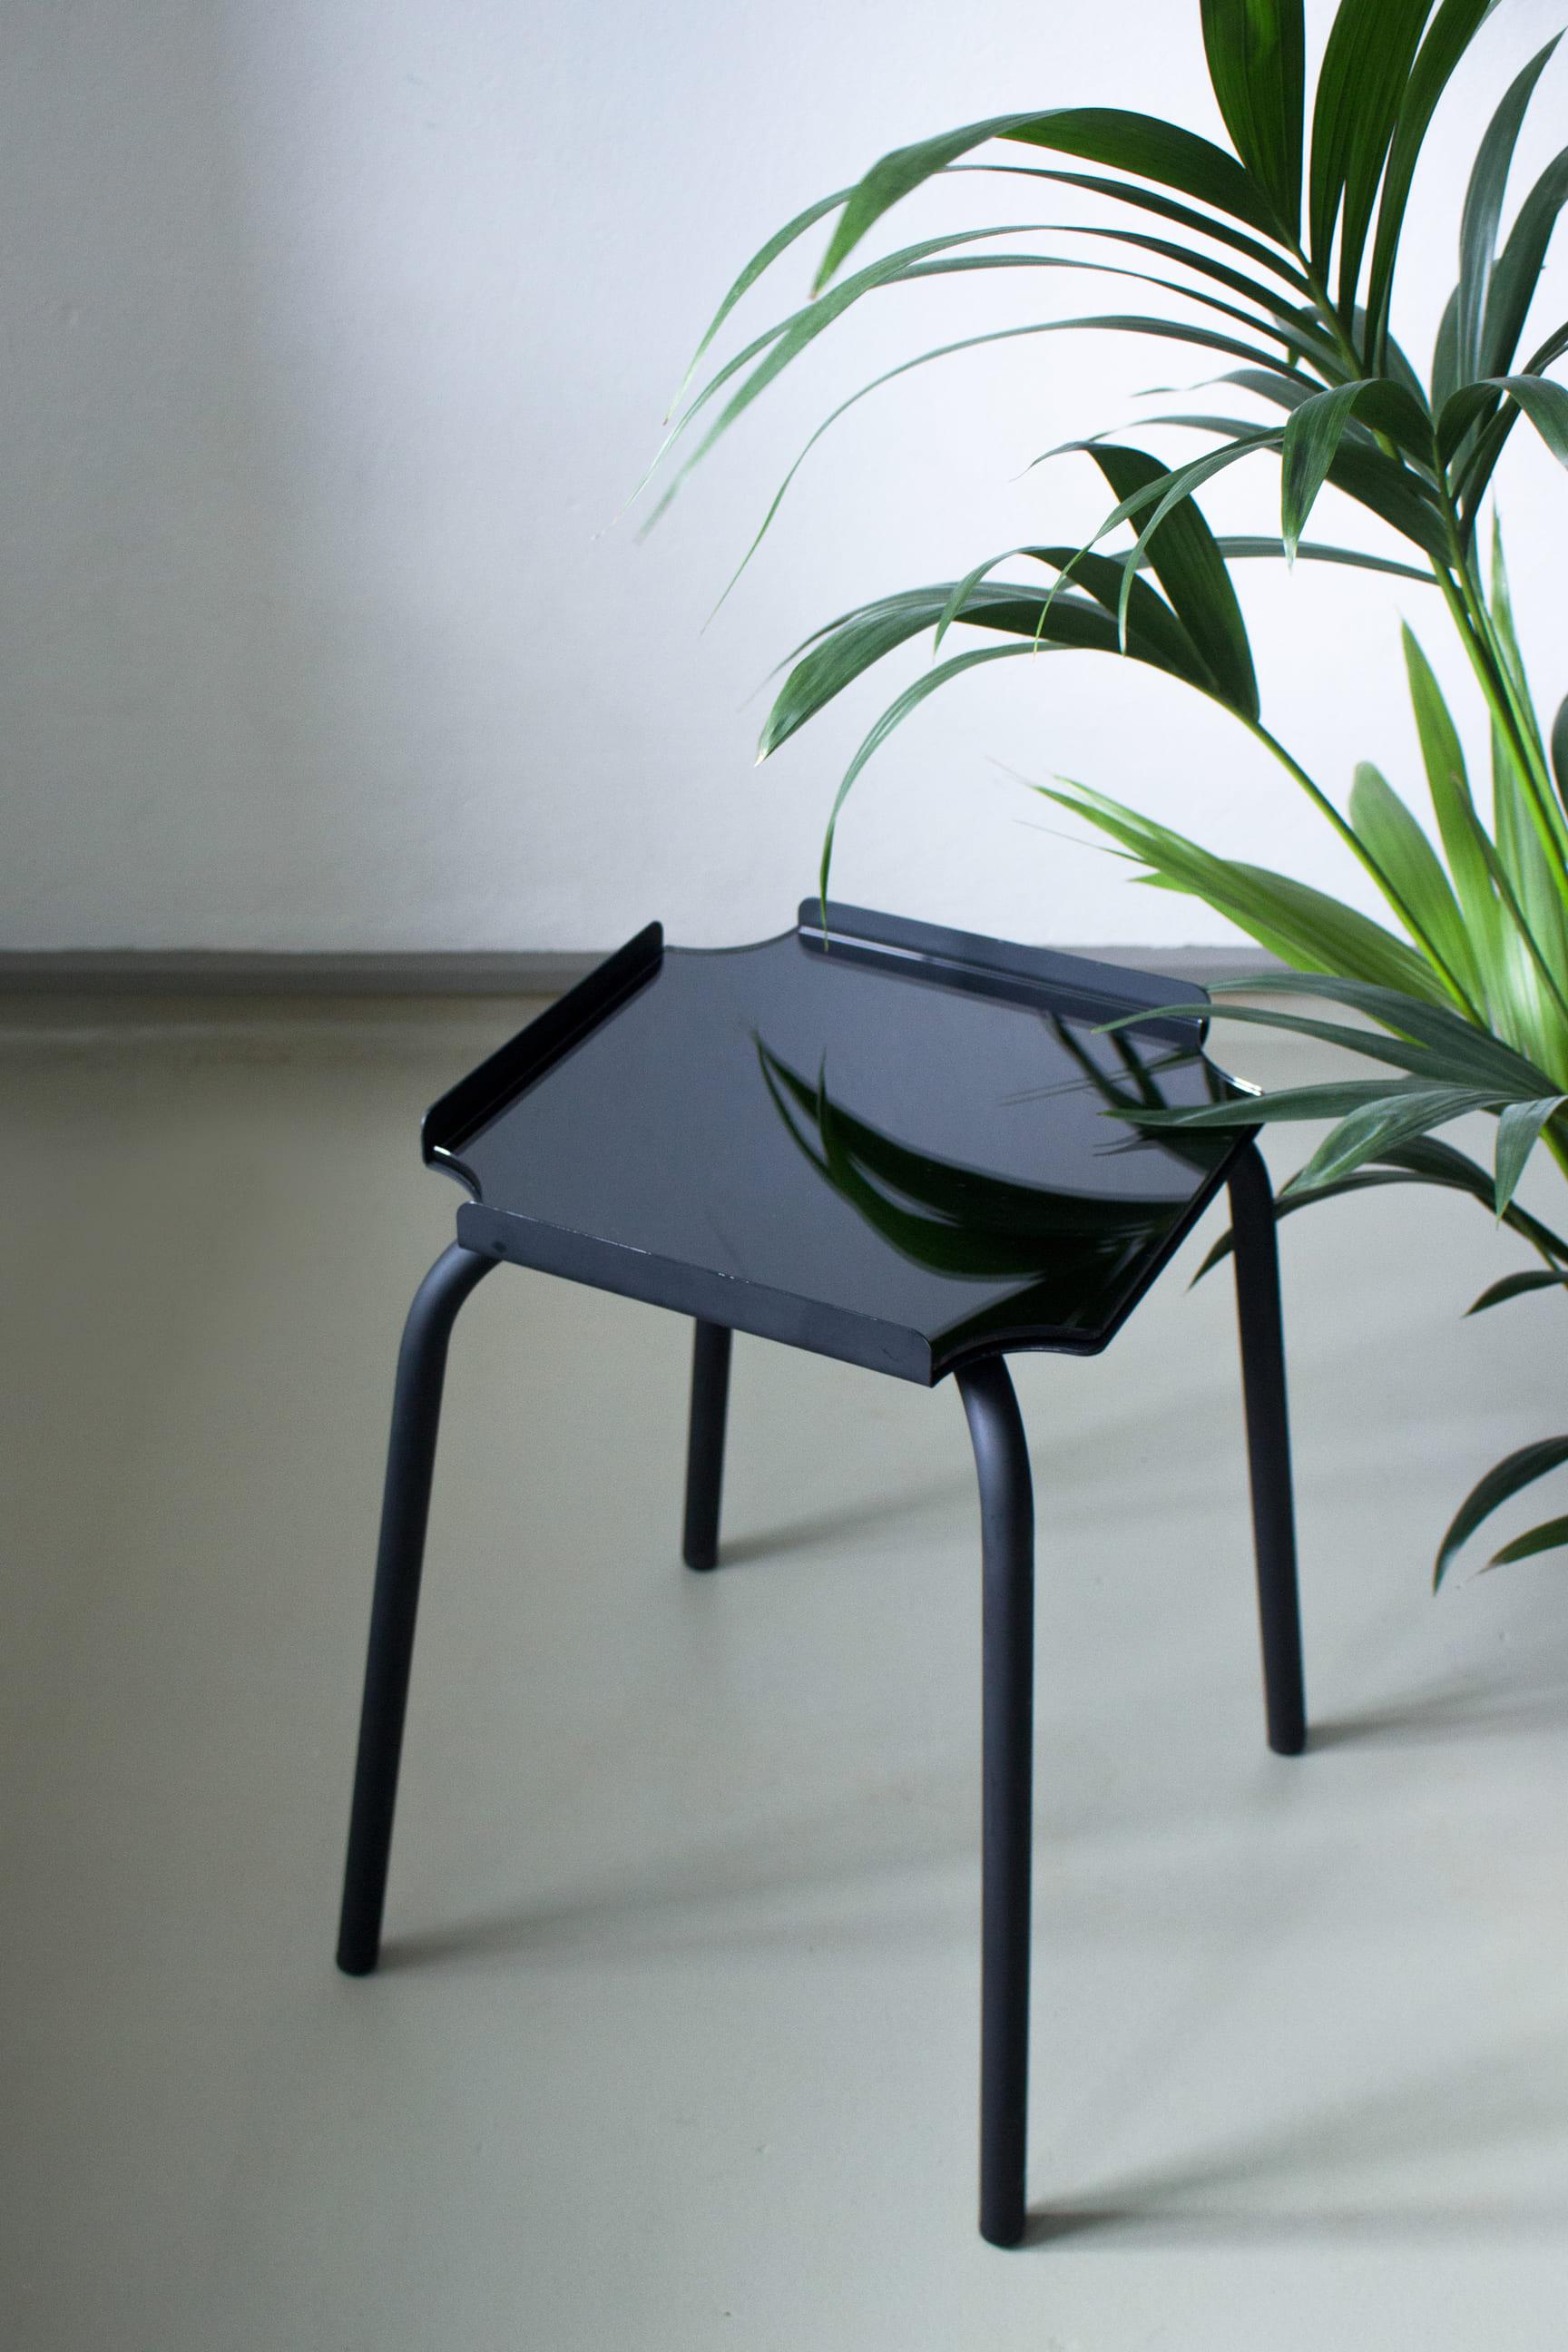 Beistelltisch ARC: Pur oder durch das Ergänzen einer Spiegelplatte ist ARC ein minimalistischer Beistelltisch aus gebogenem Stahlrohr und gekantetem Blech.